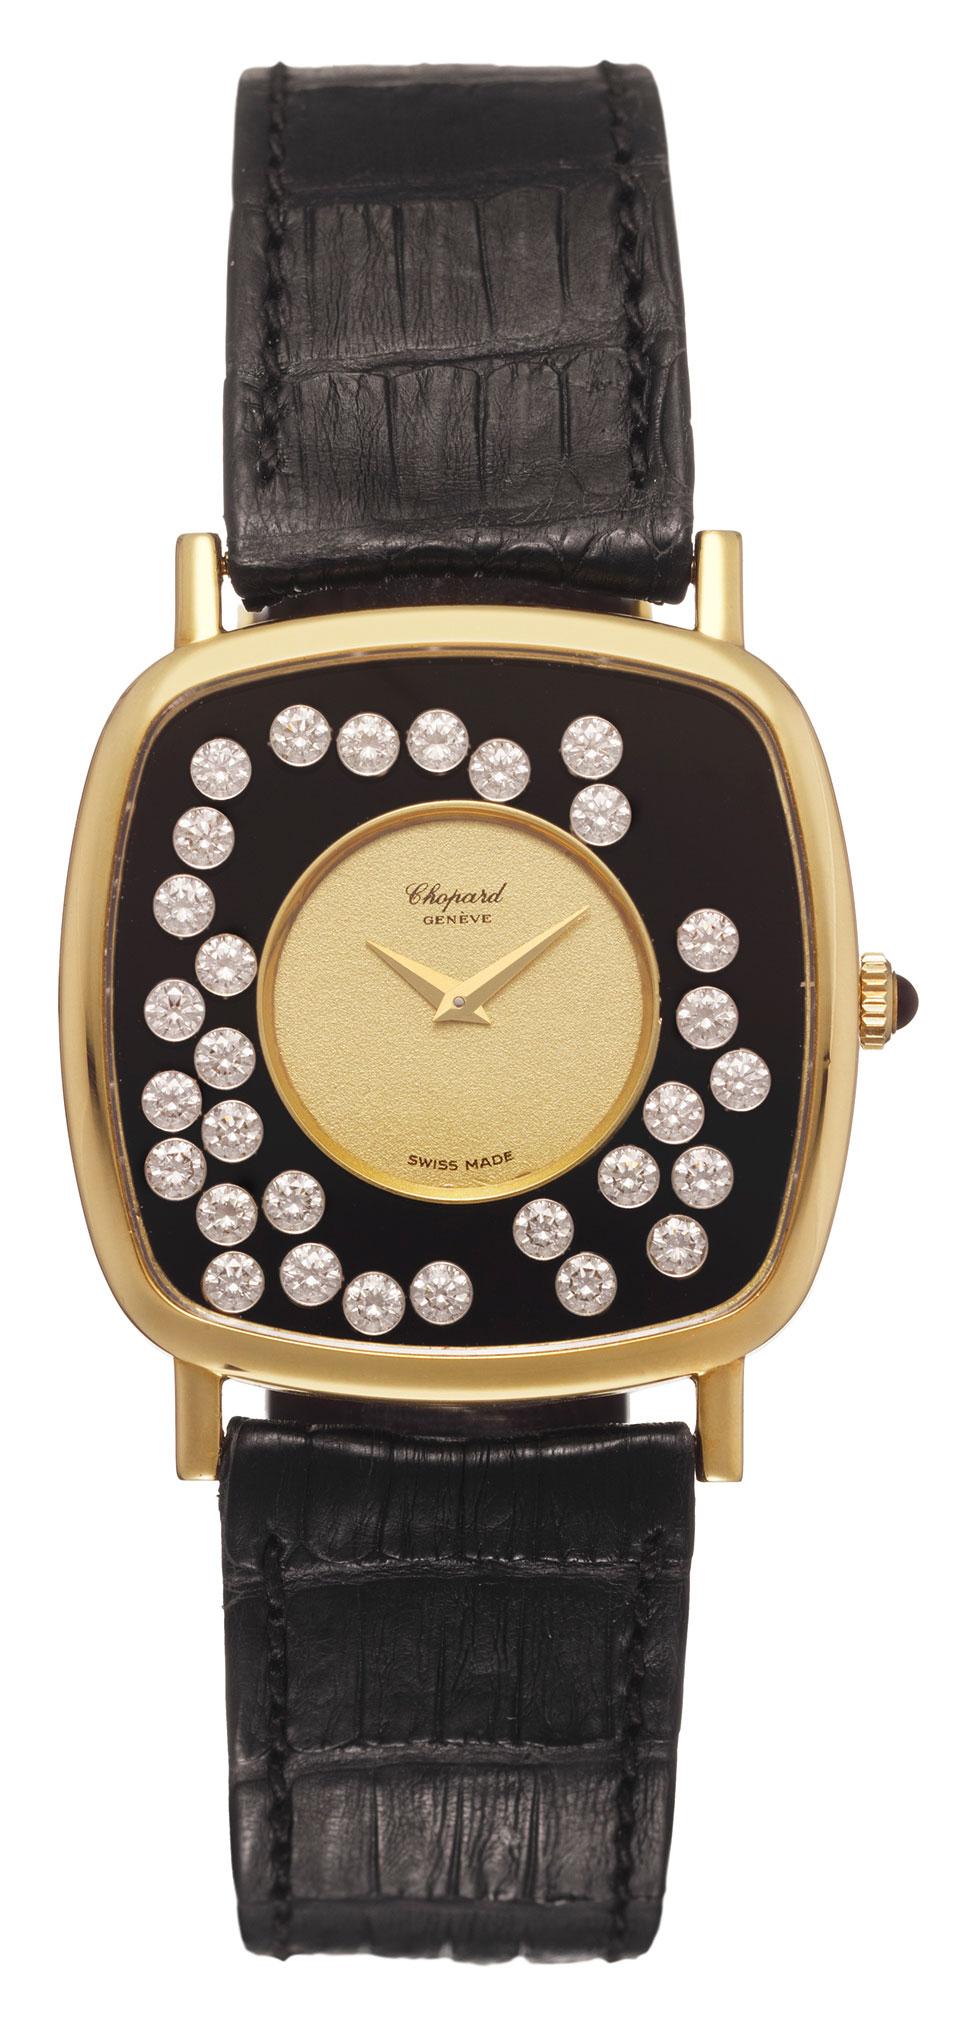 chopard histoire des montres de la marque chopard. Black Bedroom Furniture Sets. Home Design Ideas